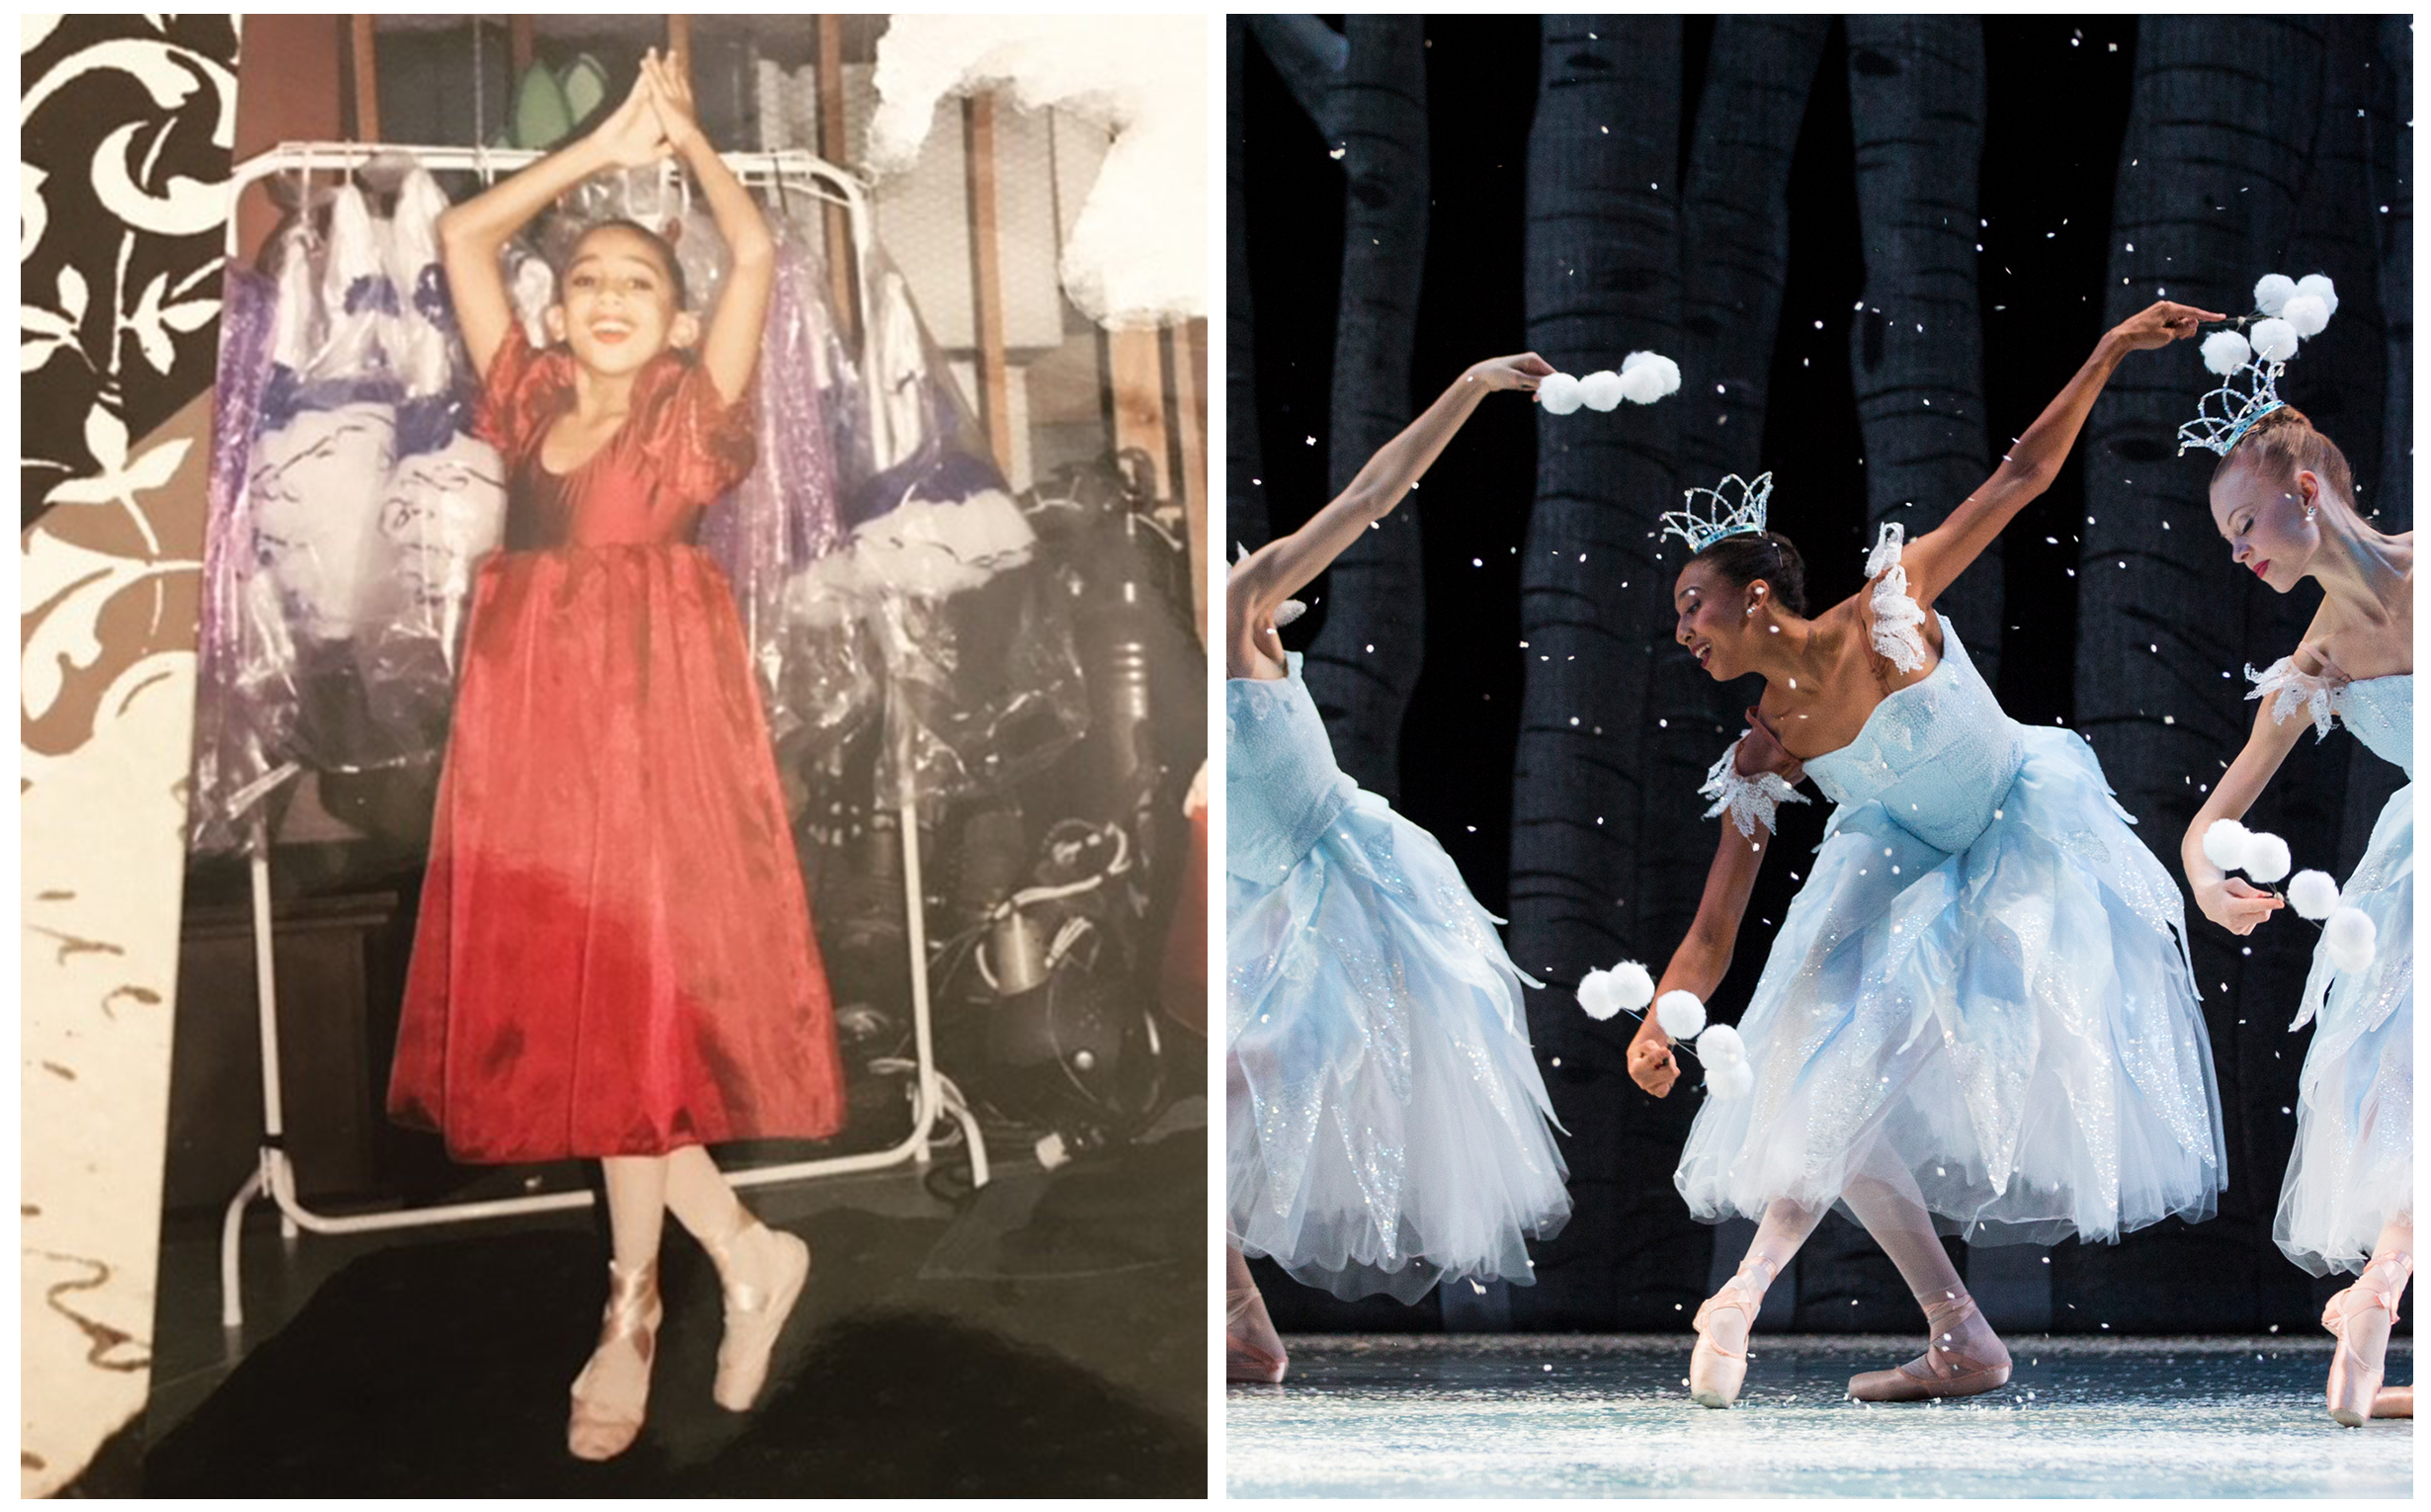 Amanda Morgan - Now and Then, Nutcracker Grows Up